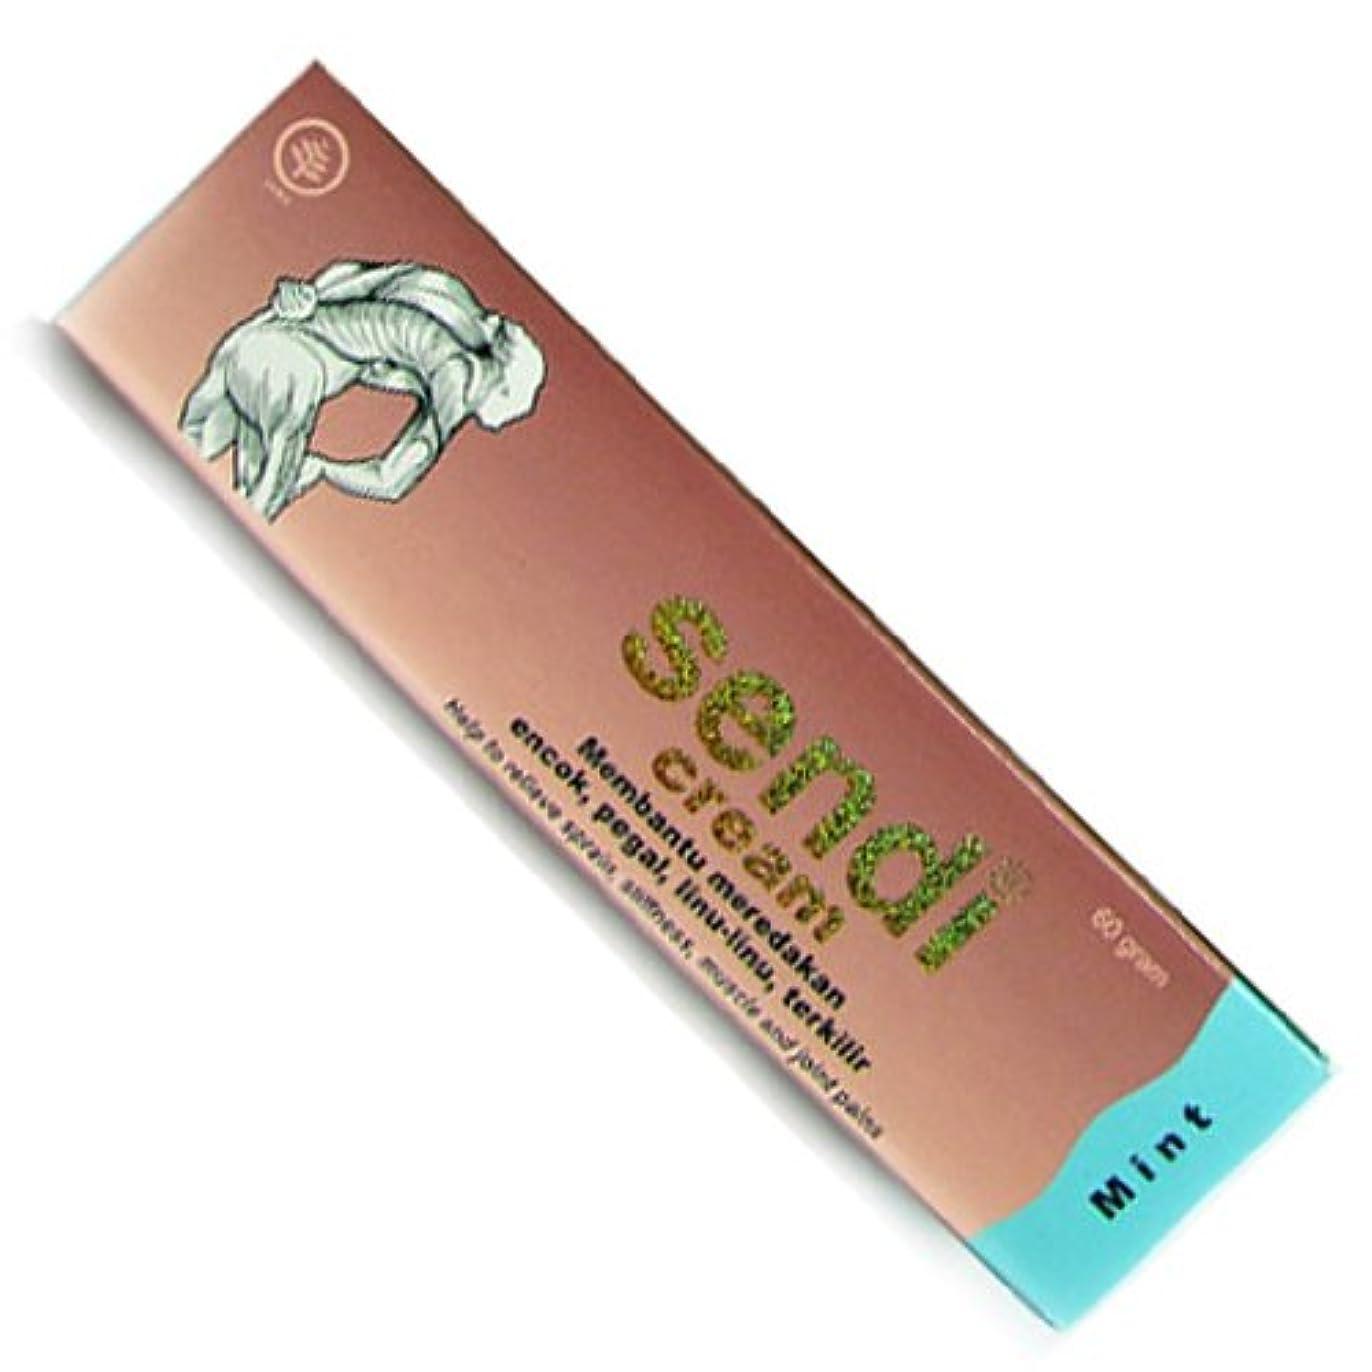 羊ファン仮定、想定。推測Sendi Cream スンディクリーム60g[並行輸入品][海外直送品]ミント